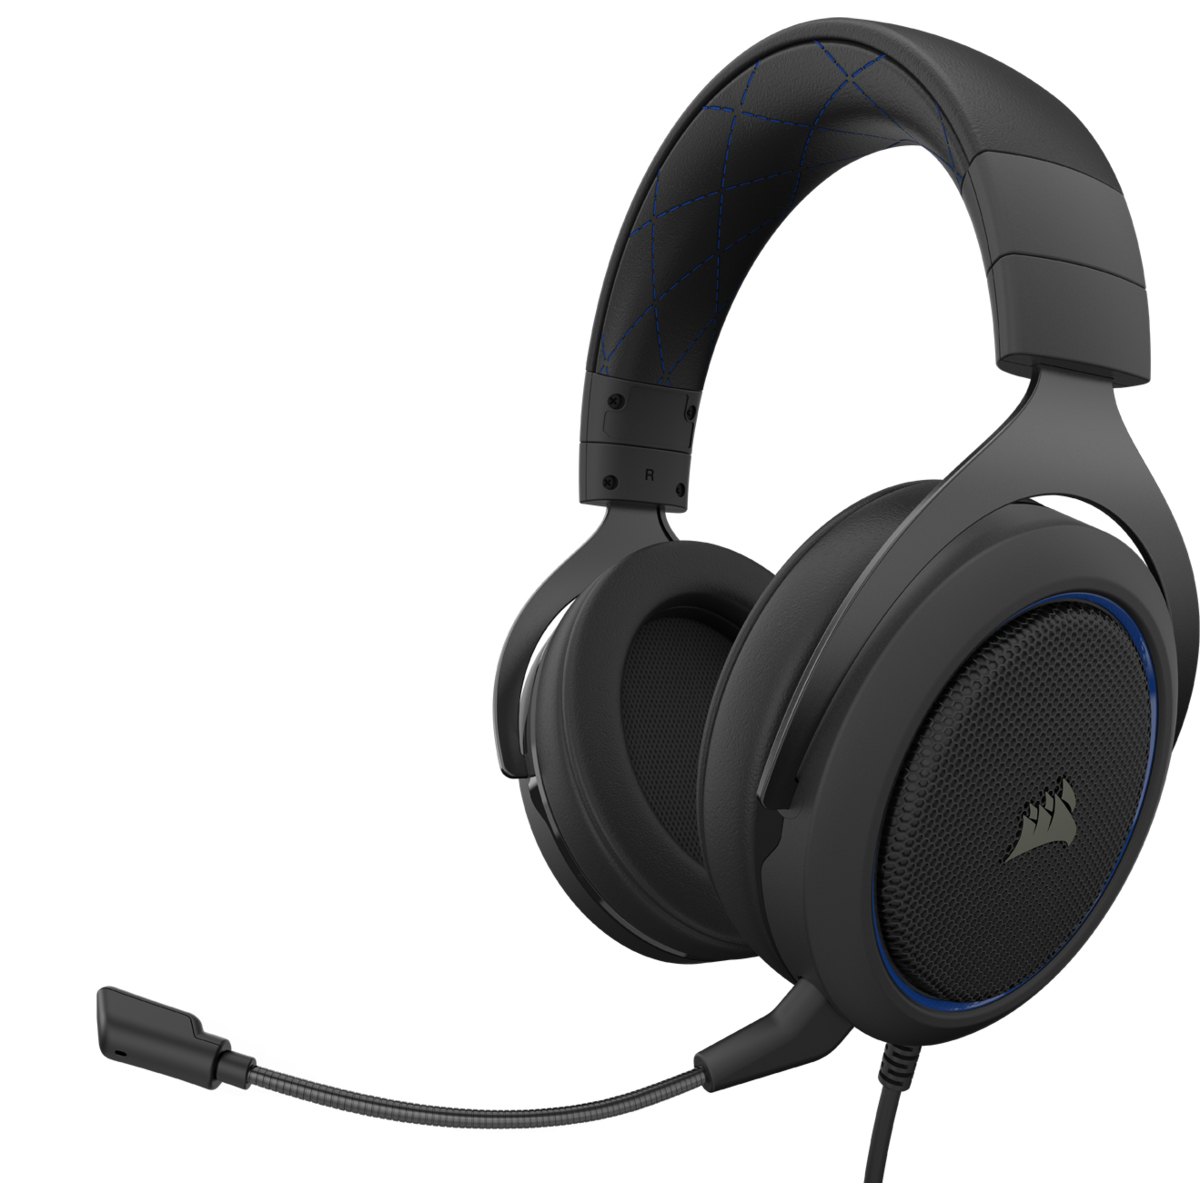 Hs60 Pro Stereo Auriculares Diadema Negro, Azul